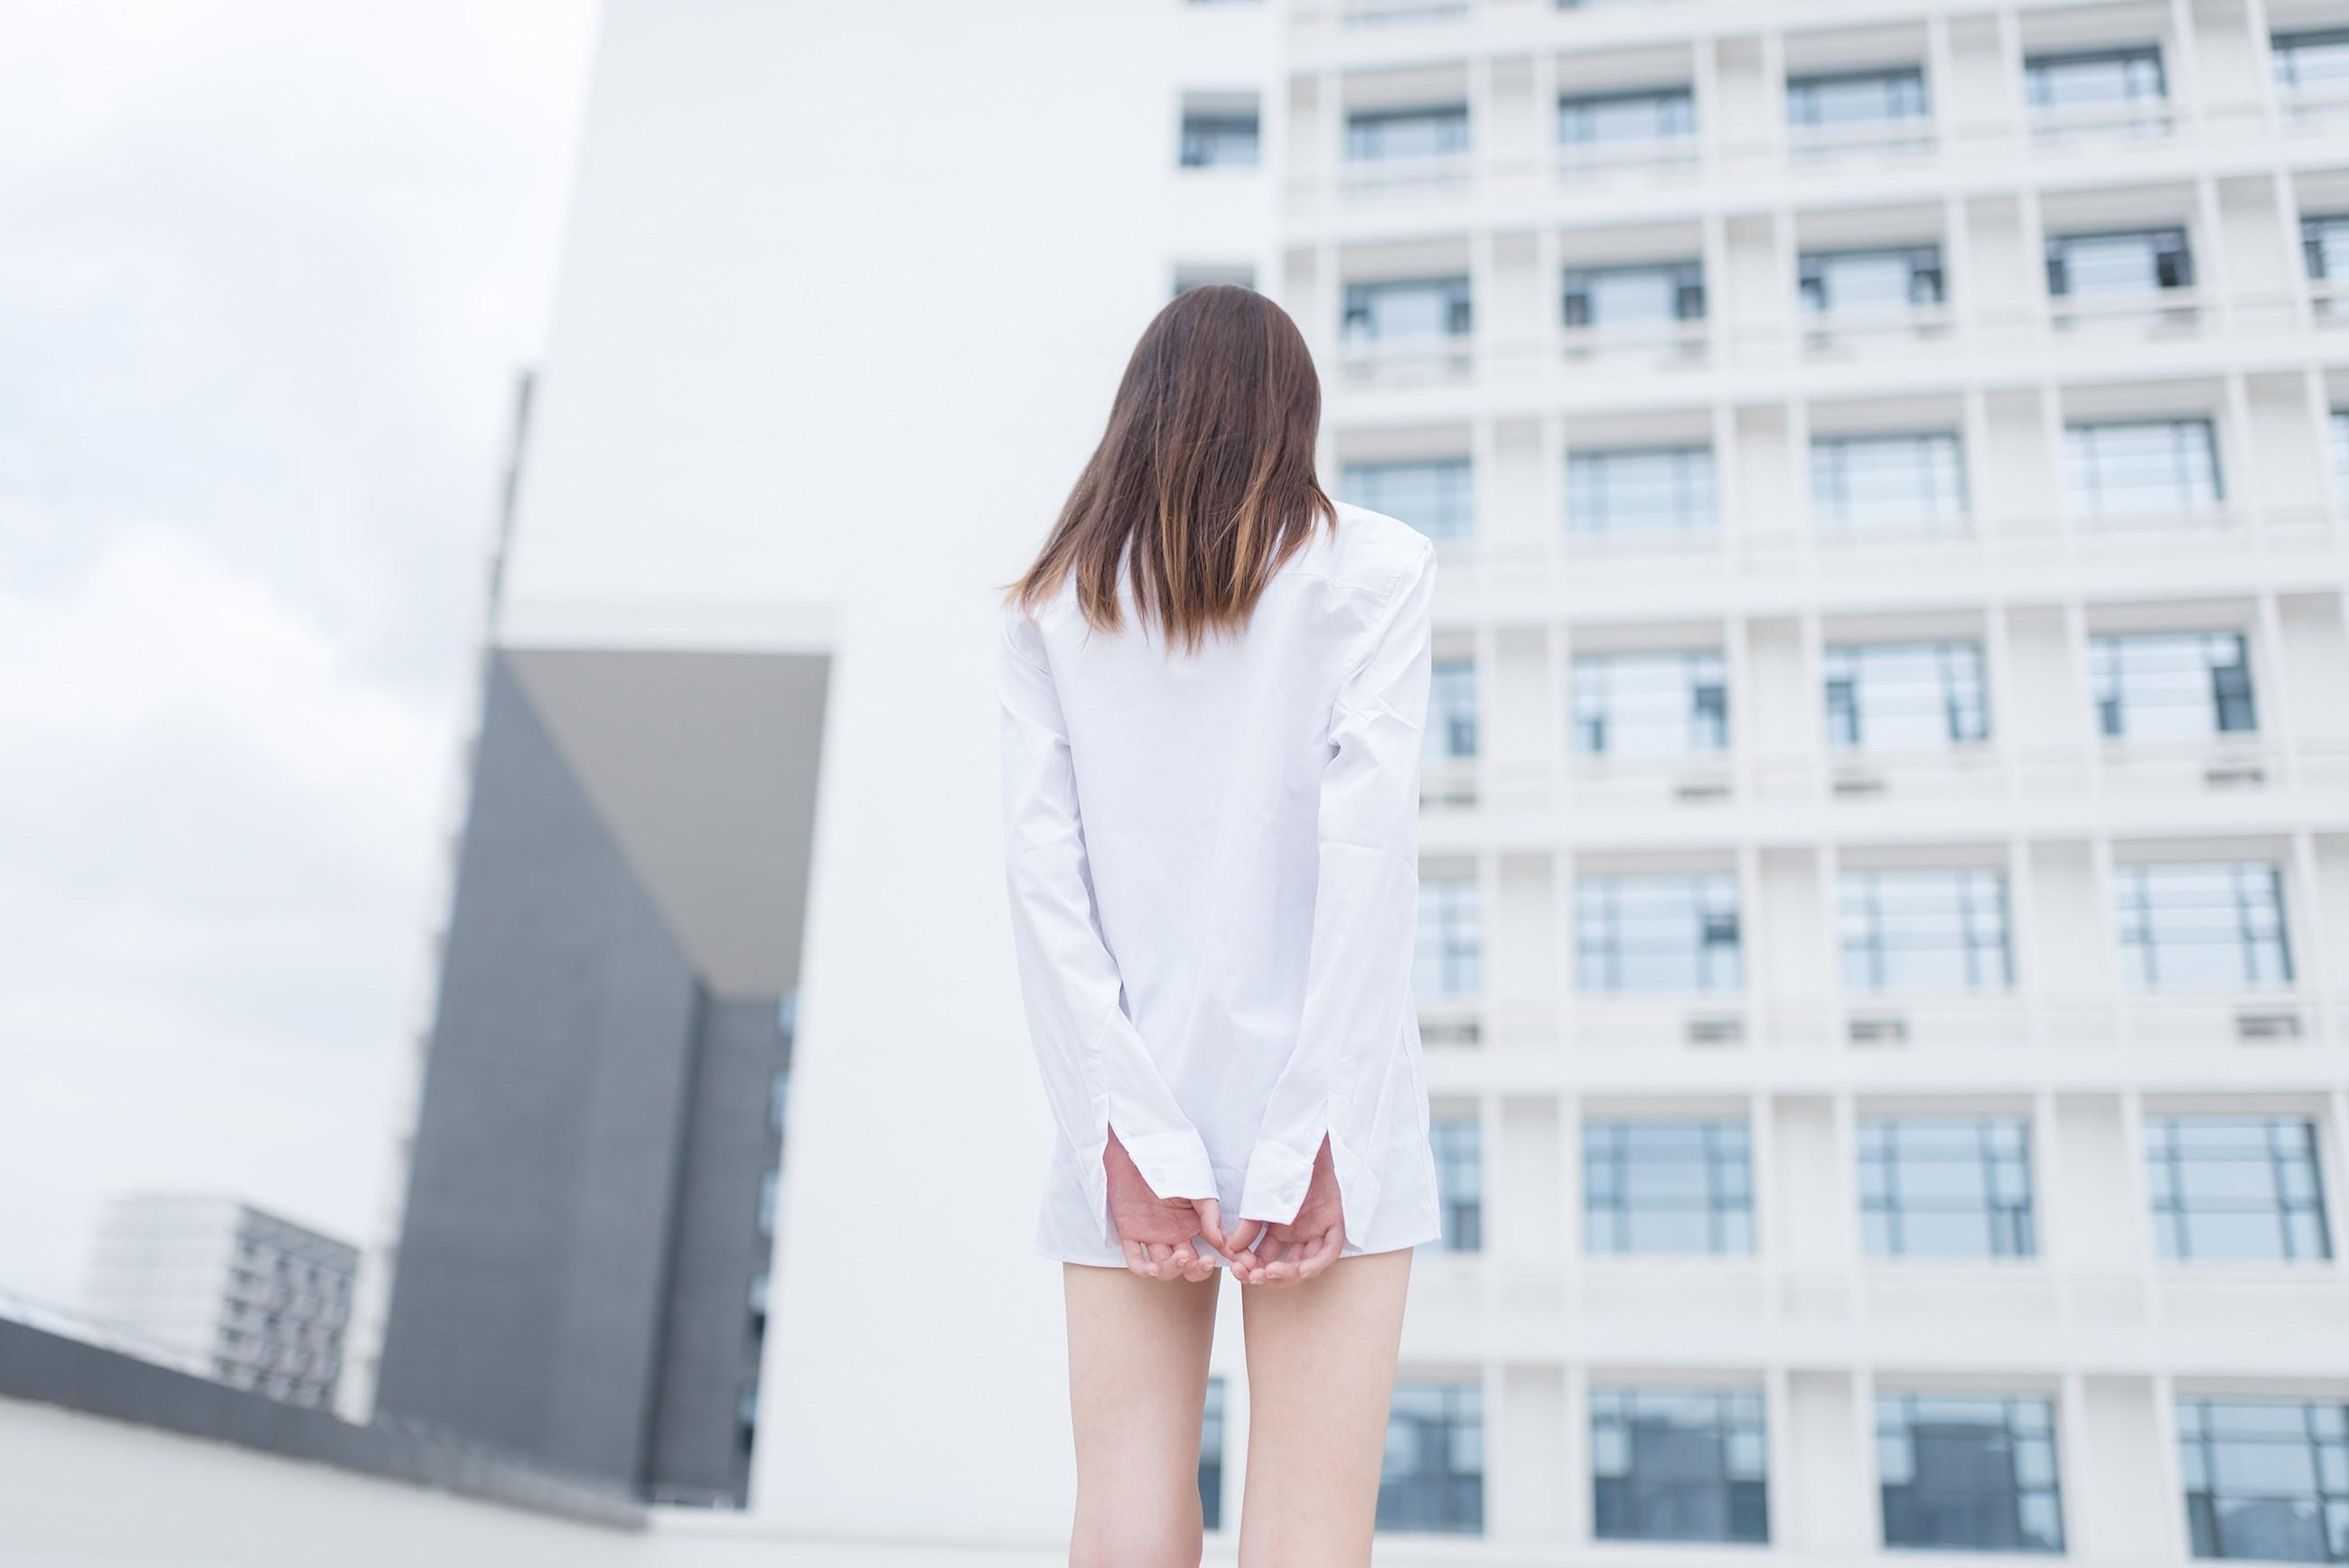 【兔玩映画】裸脚白衬衫 · 足控福利 兔玩映画 第23张